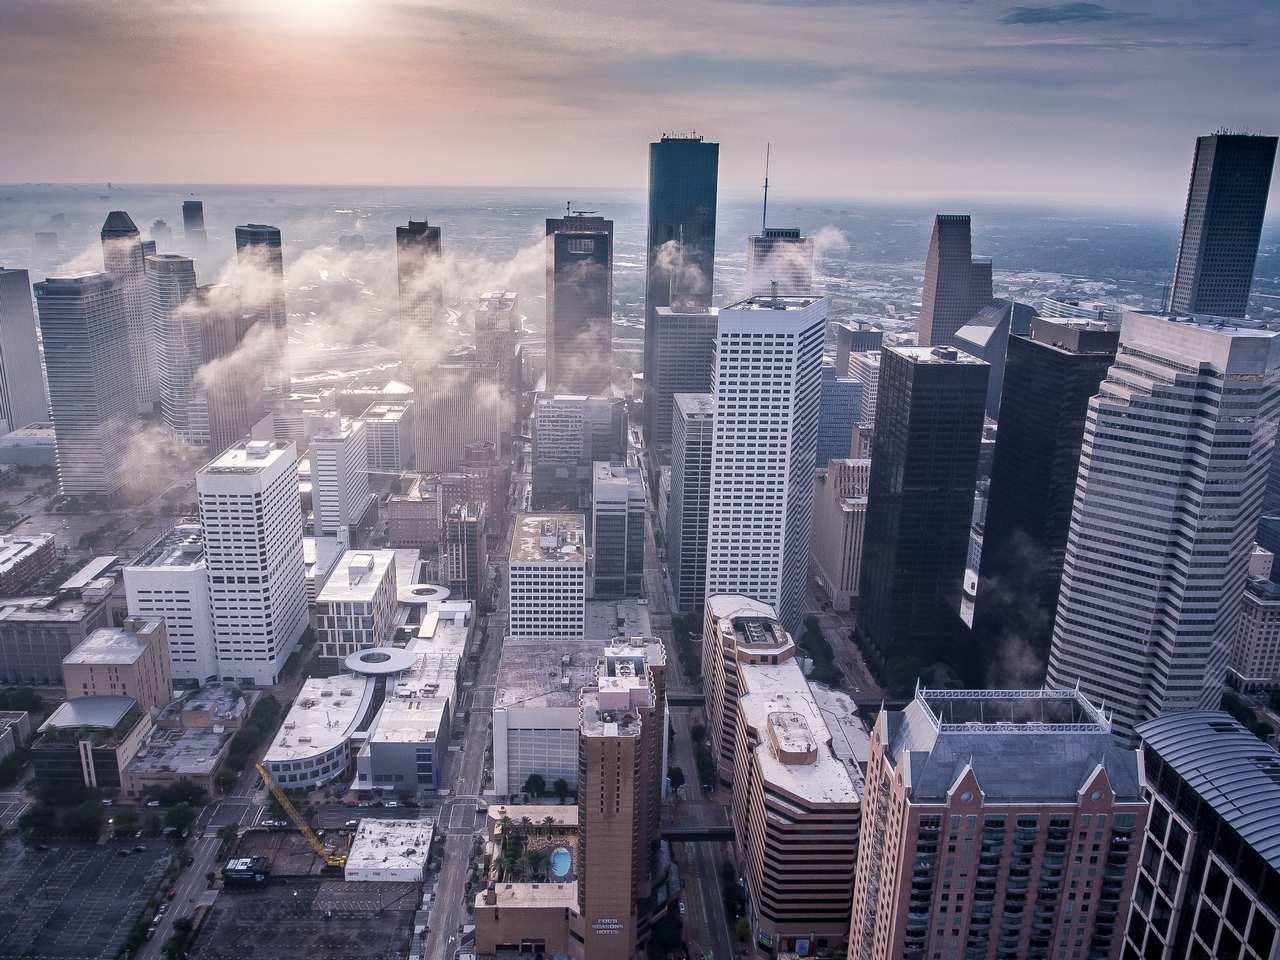 Wirtschaft, City, Business, Geschäft, Geschäftsmann, Arbeit, Werk, Wirtschaft, Eigenkapital, Vermögnen, Erfinder, Existenz, Existenzgründer